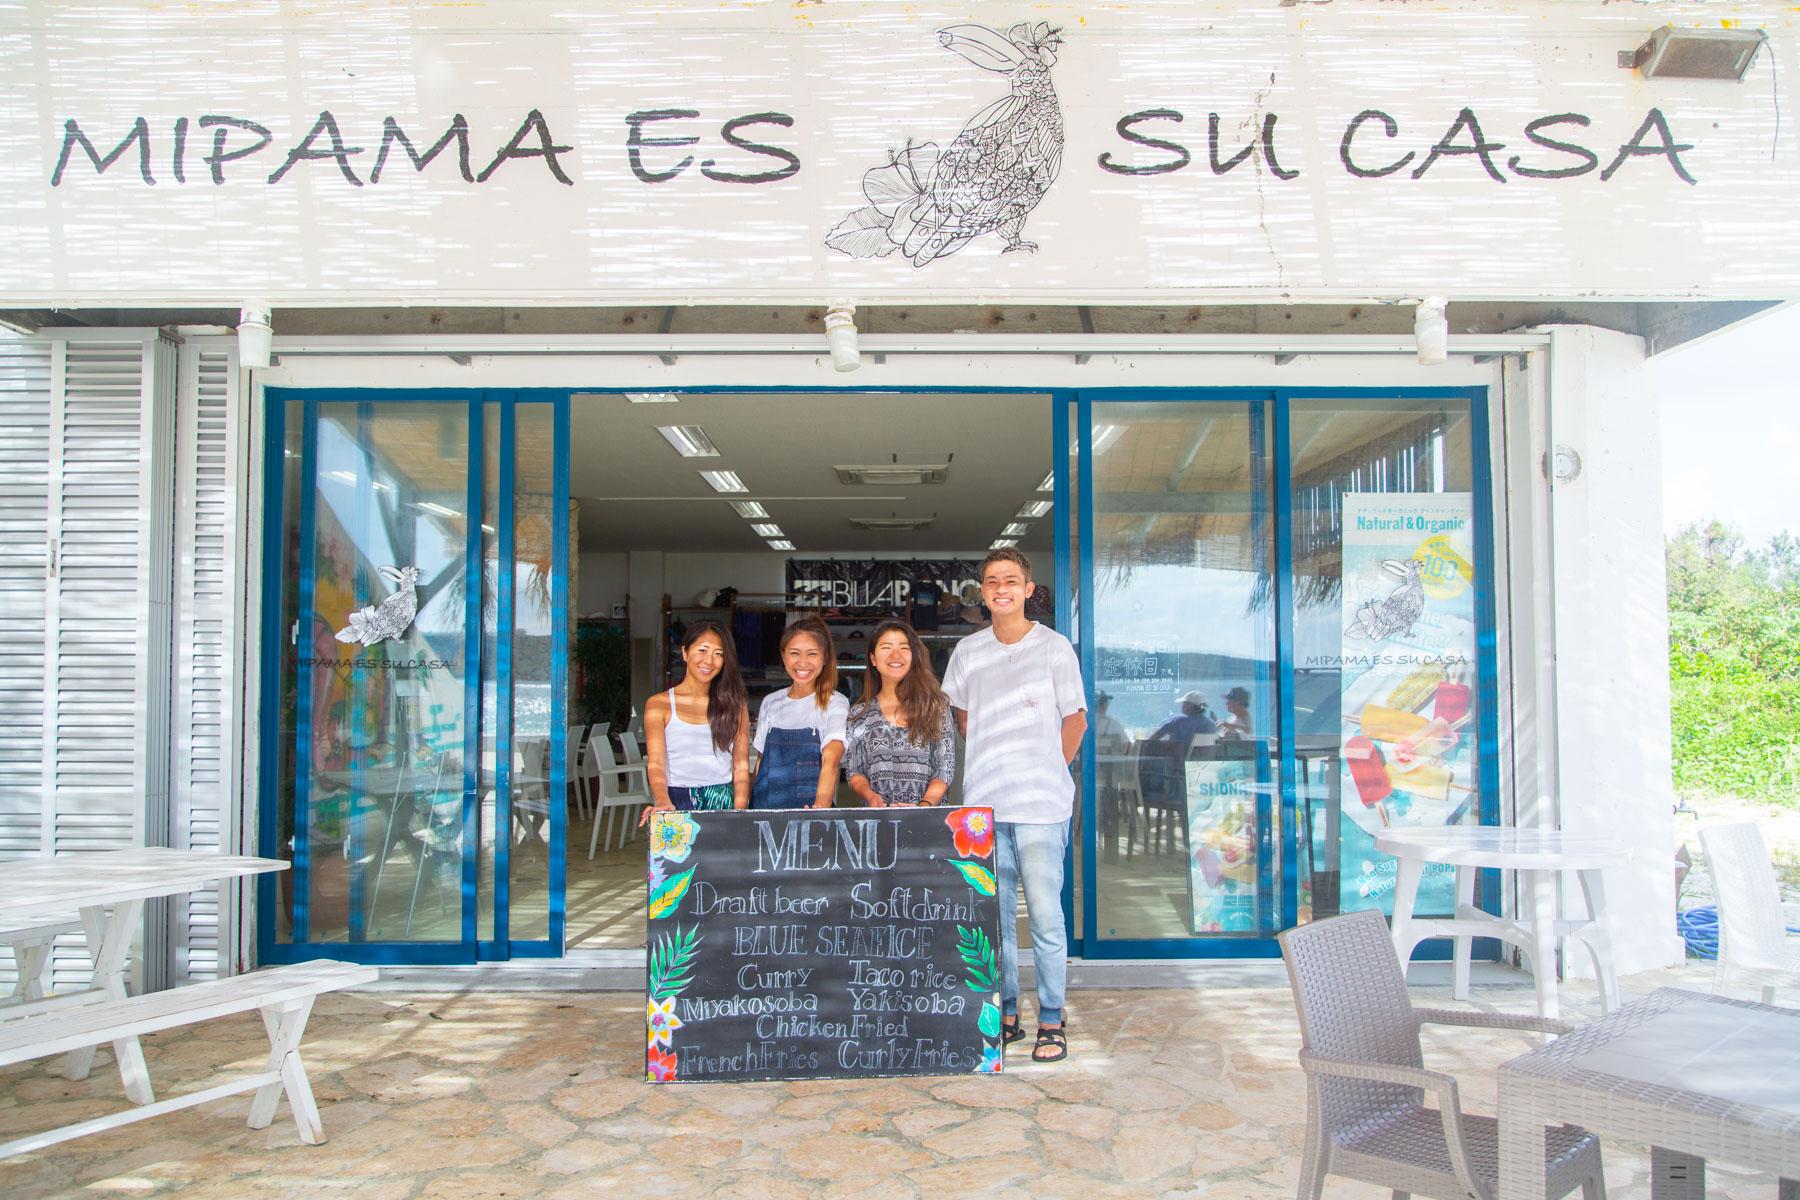 【理想通貨】使えるお店のご紹介 「MIPAMA ES SU CASA(マイパマ エスカーサ)」さん